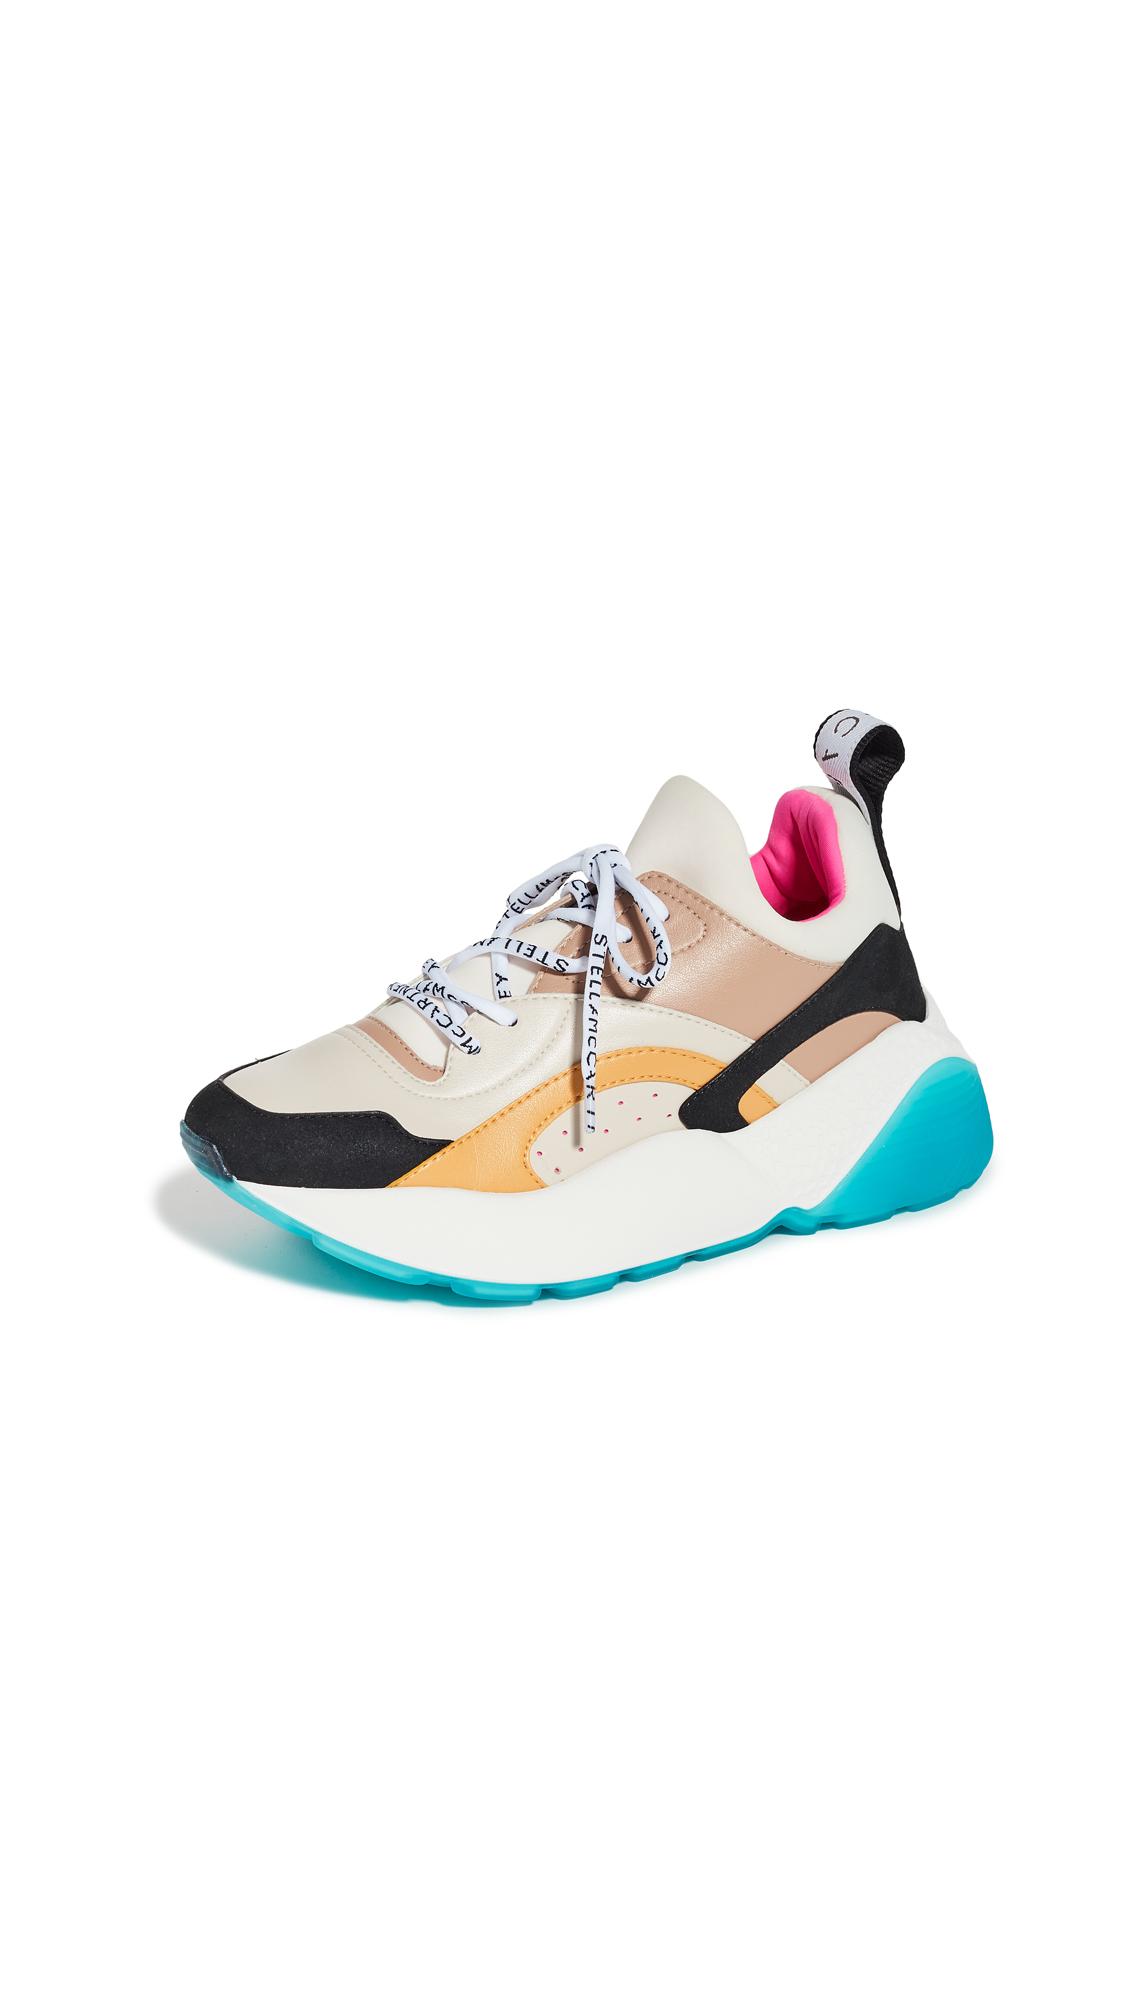 Stella McCartney Eclypse Lace Up Sneakers